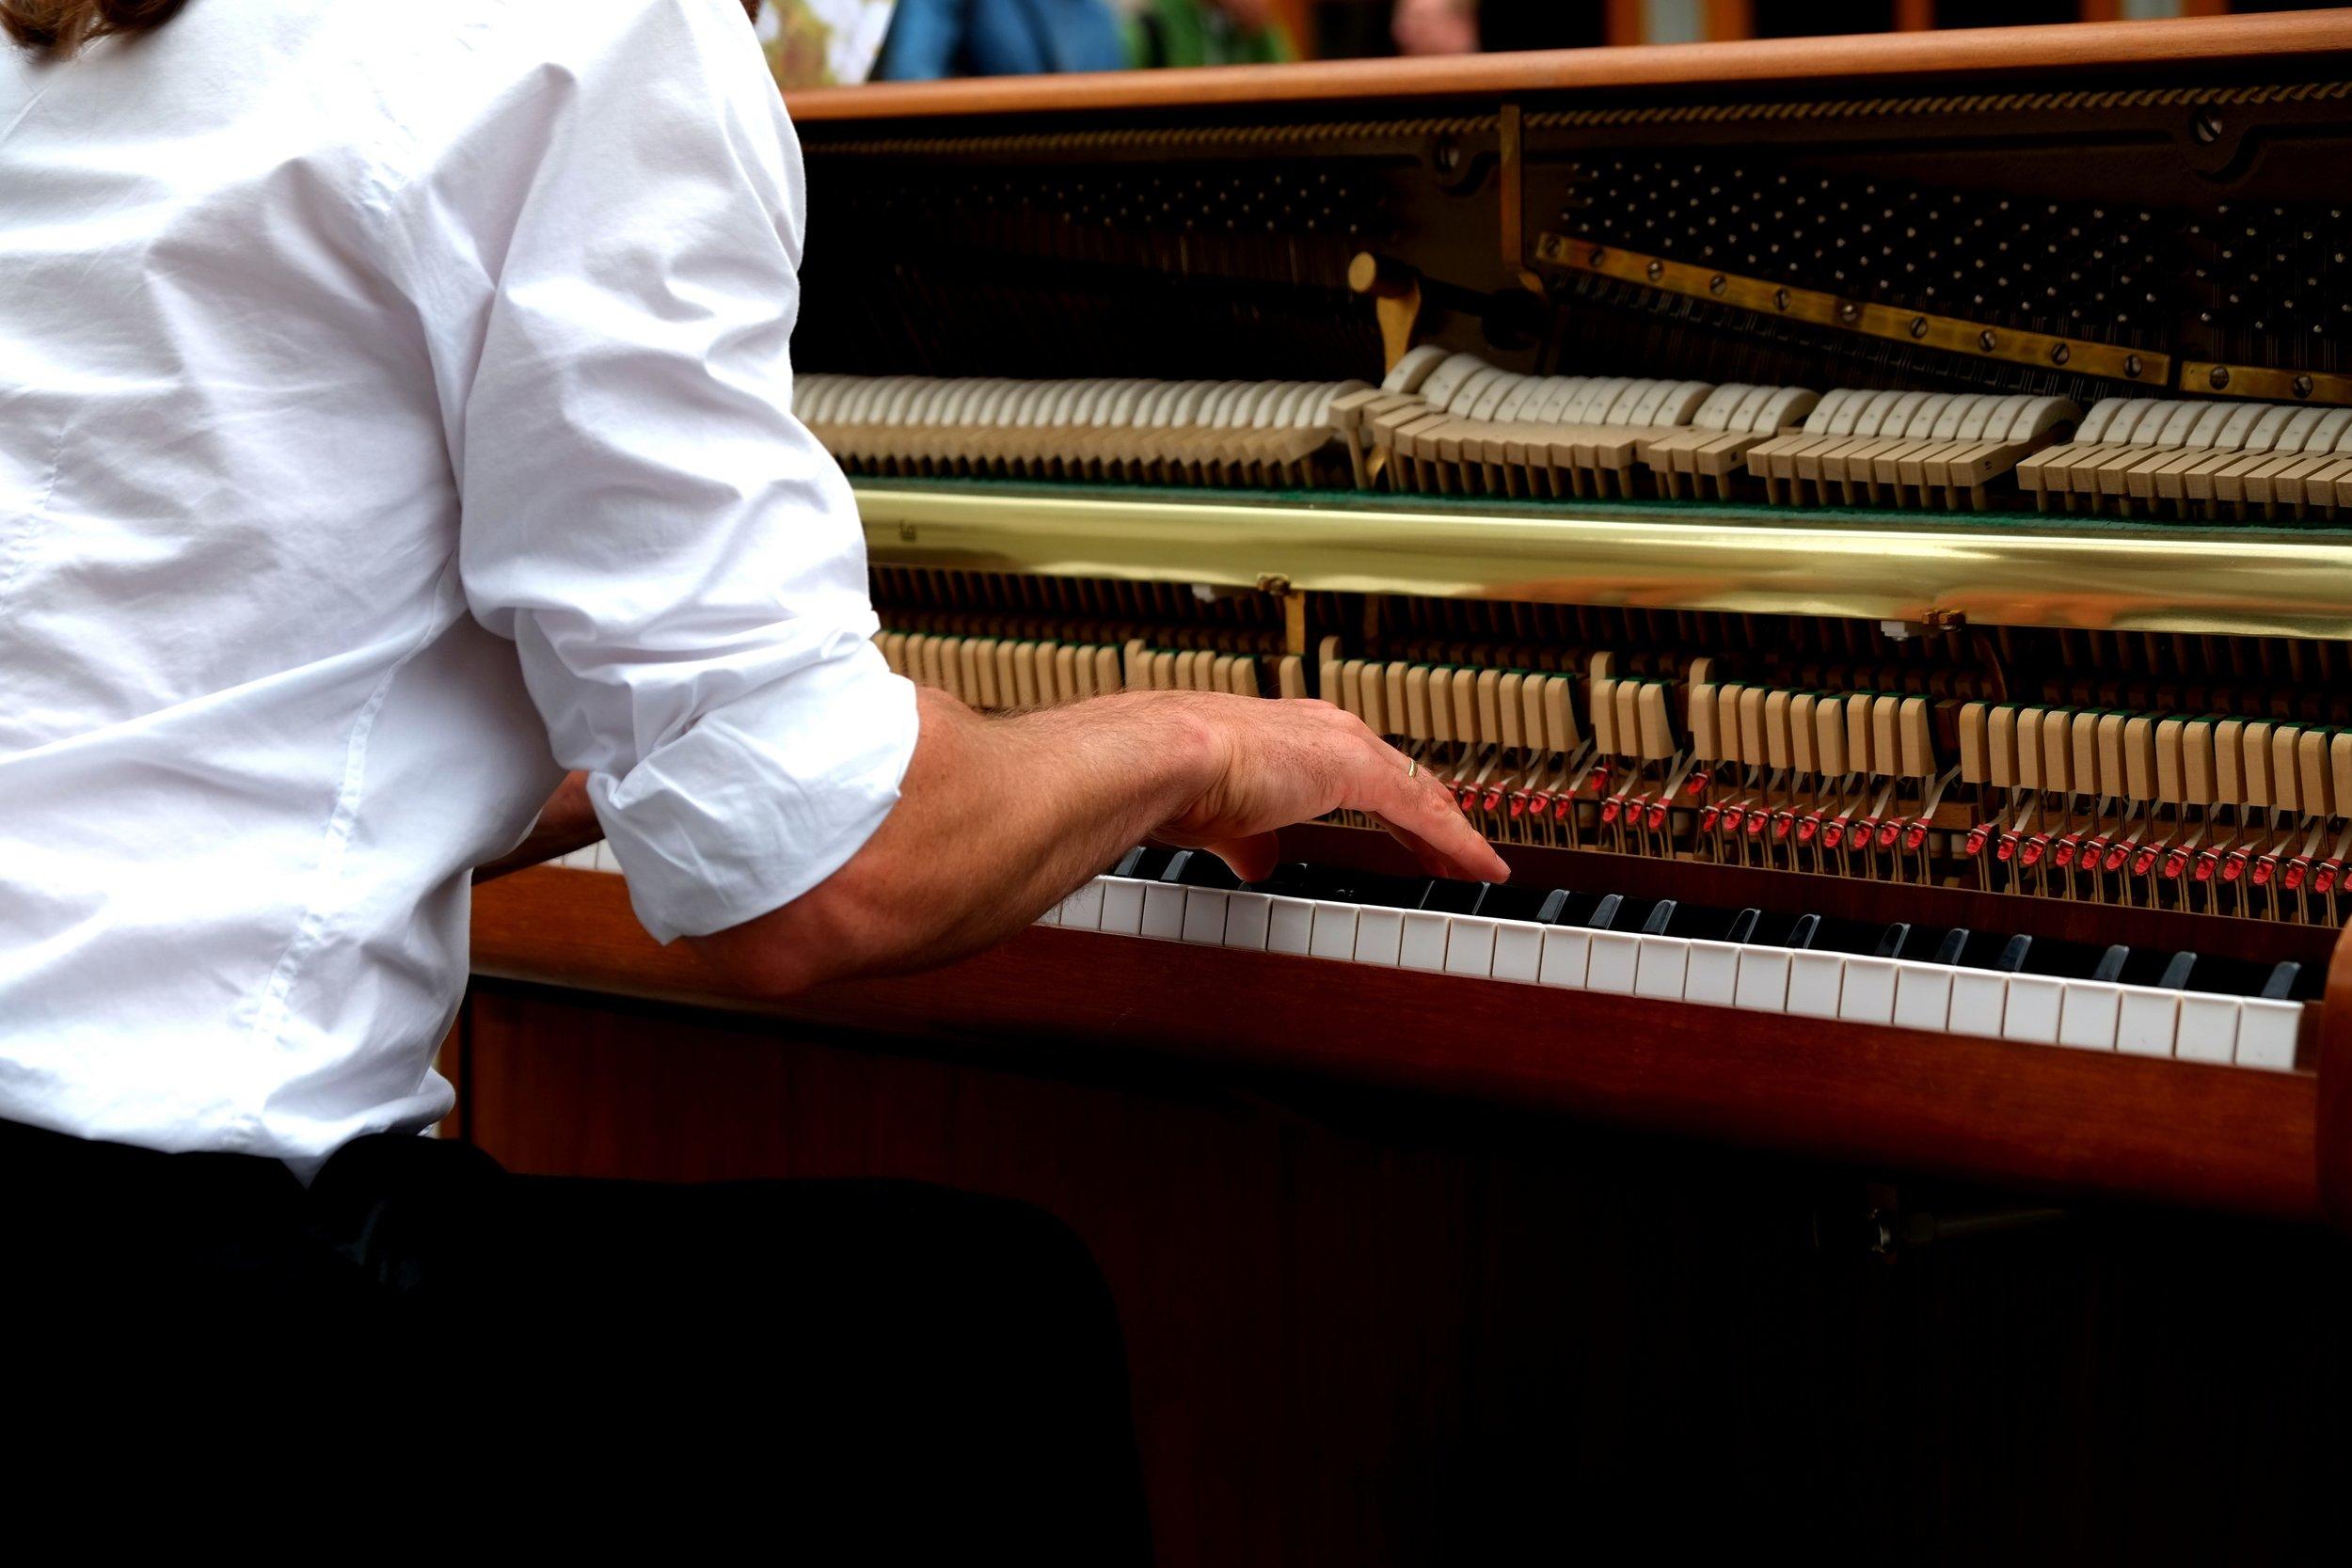 hand-hands-music-210907.jpg